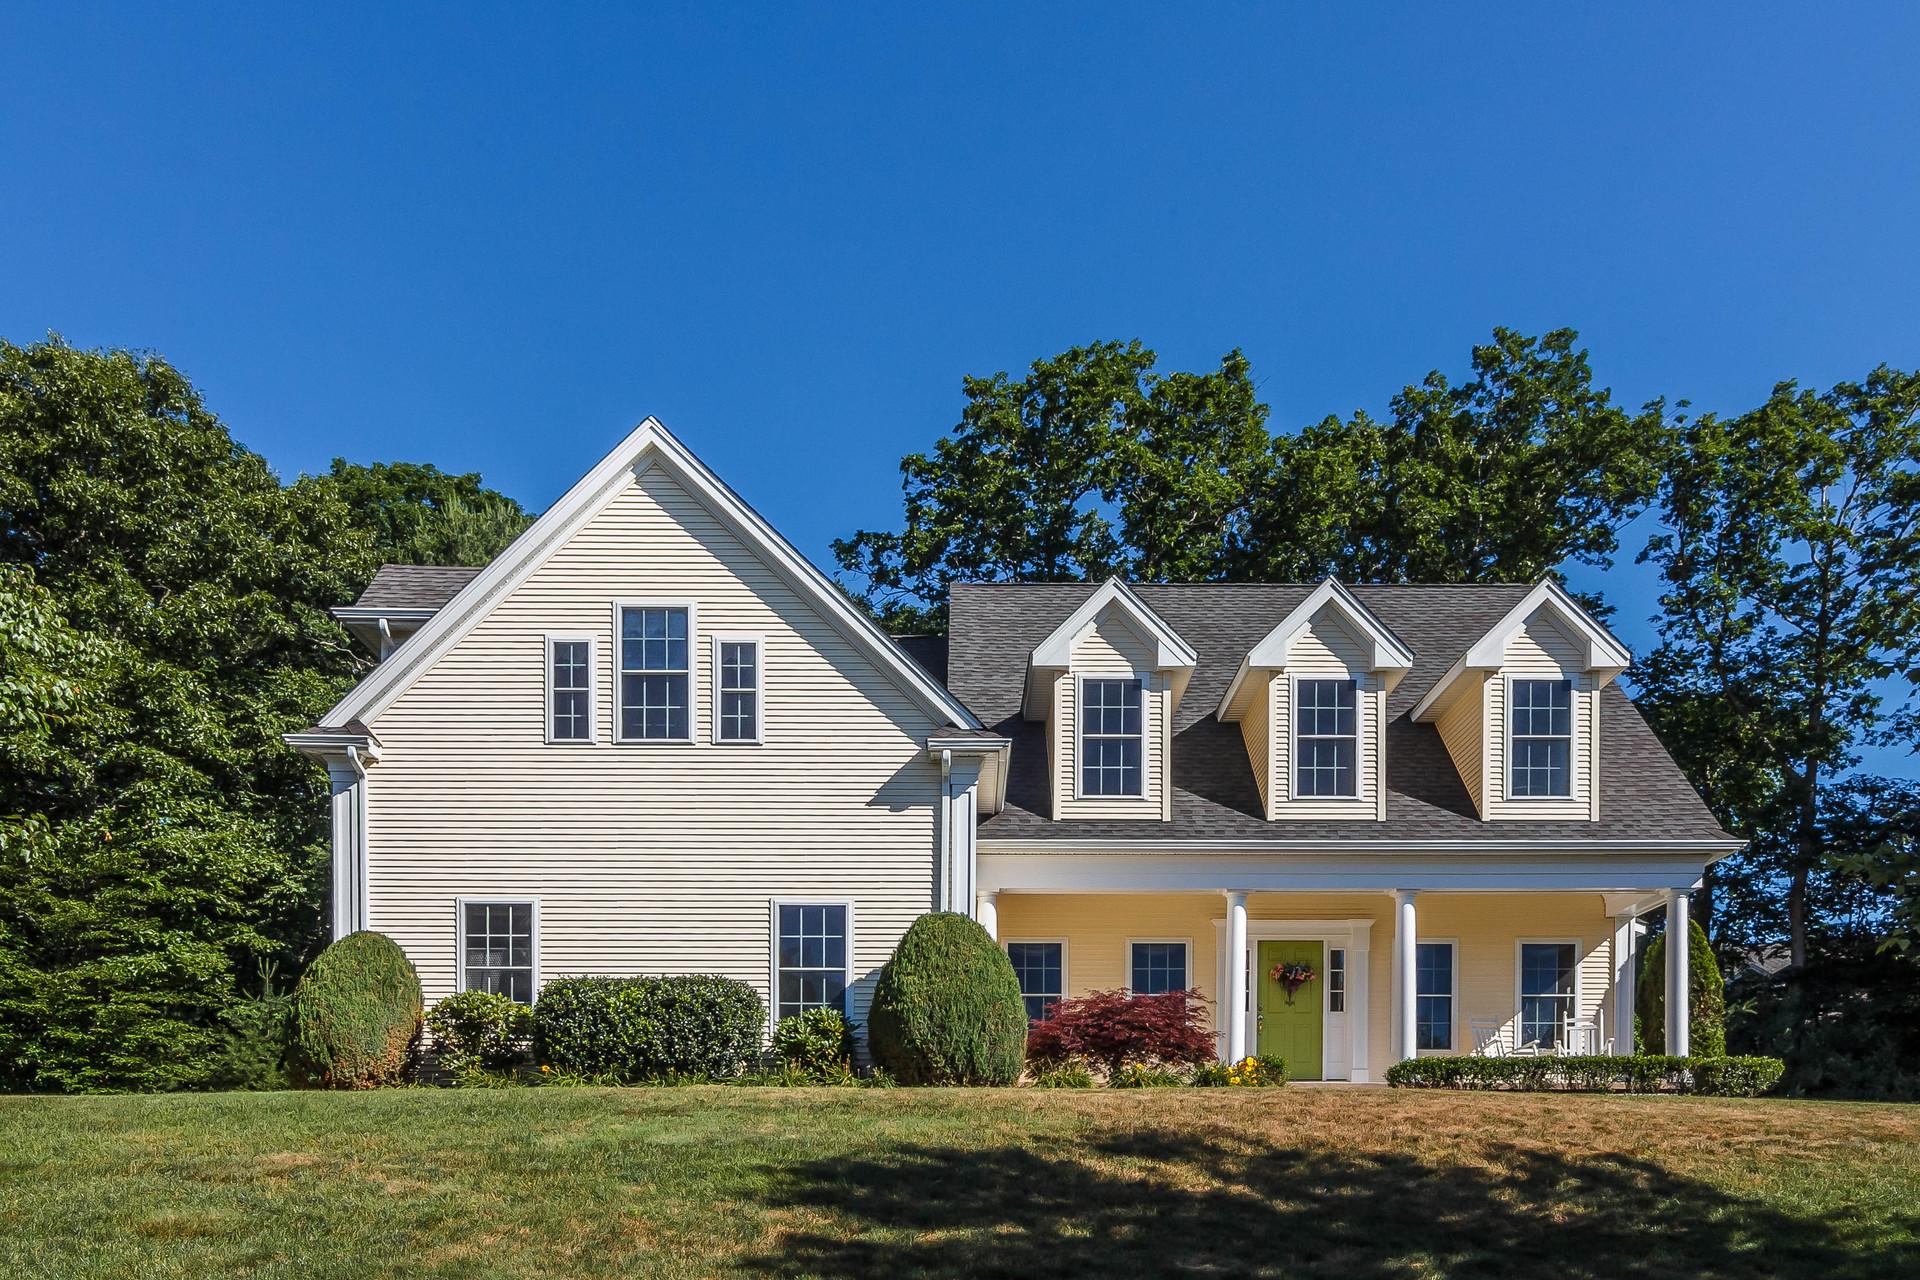 Casa Unifamiliar por un Venta en 81 Beekman Pl Madison, Connecticut, 06443 Estados Unidos